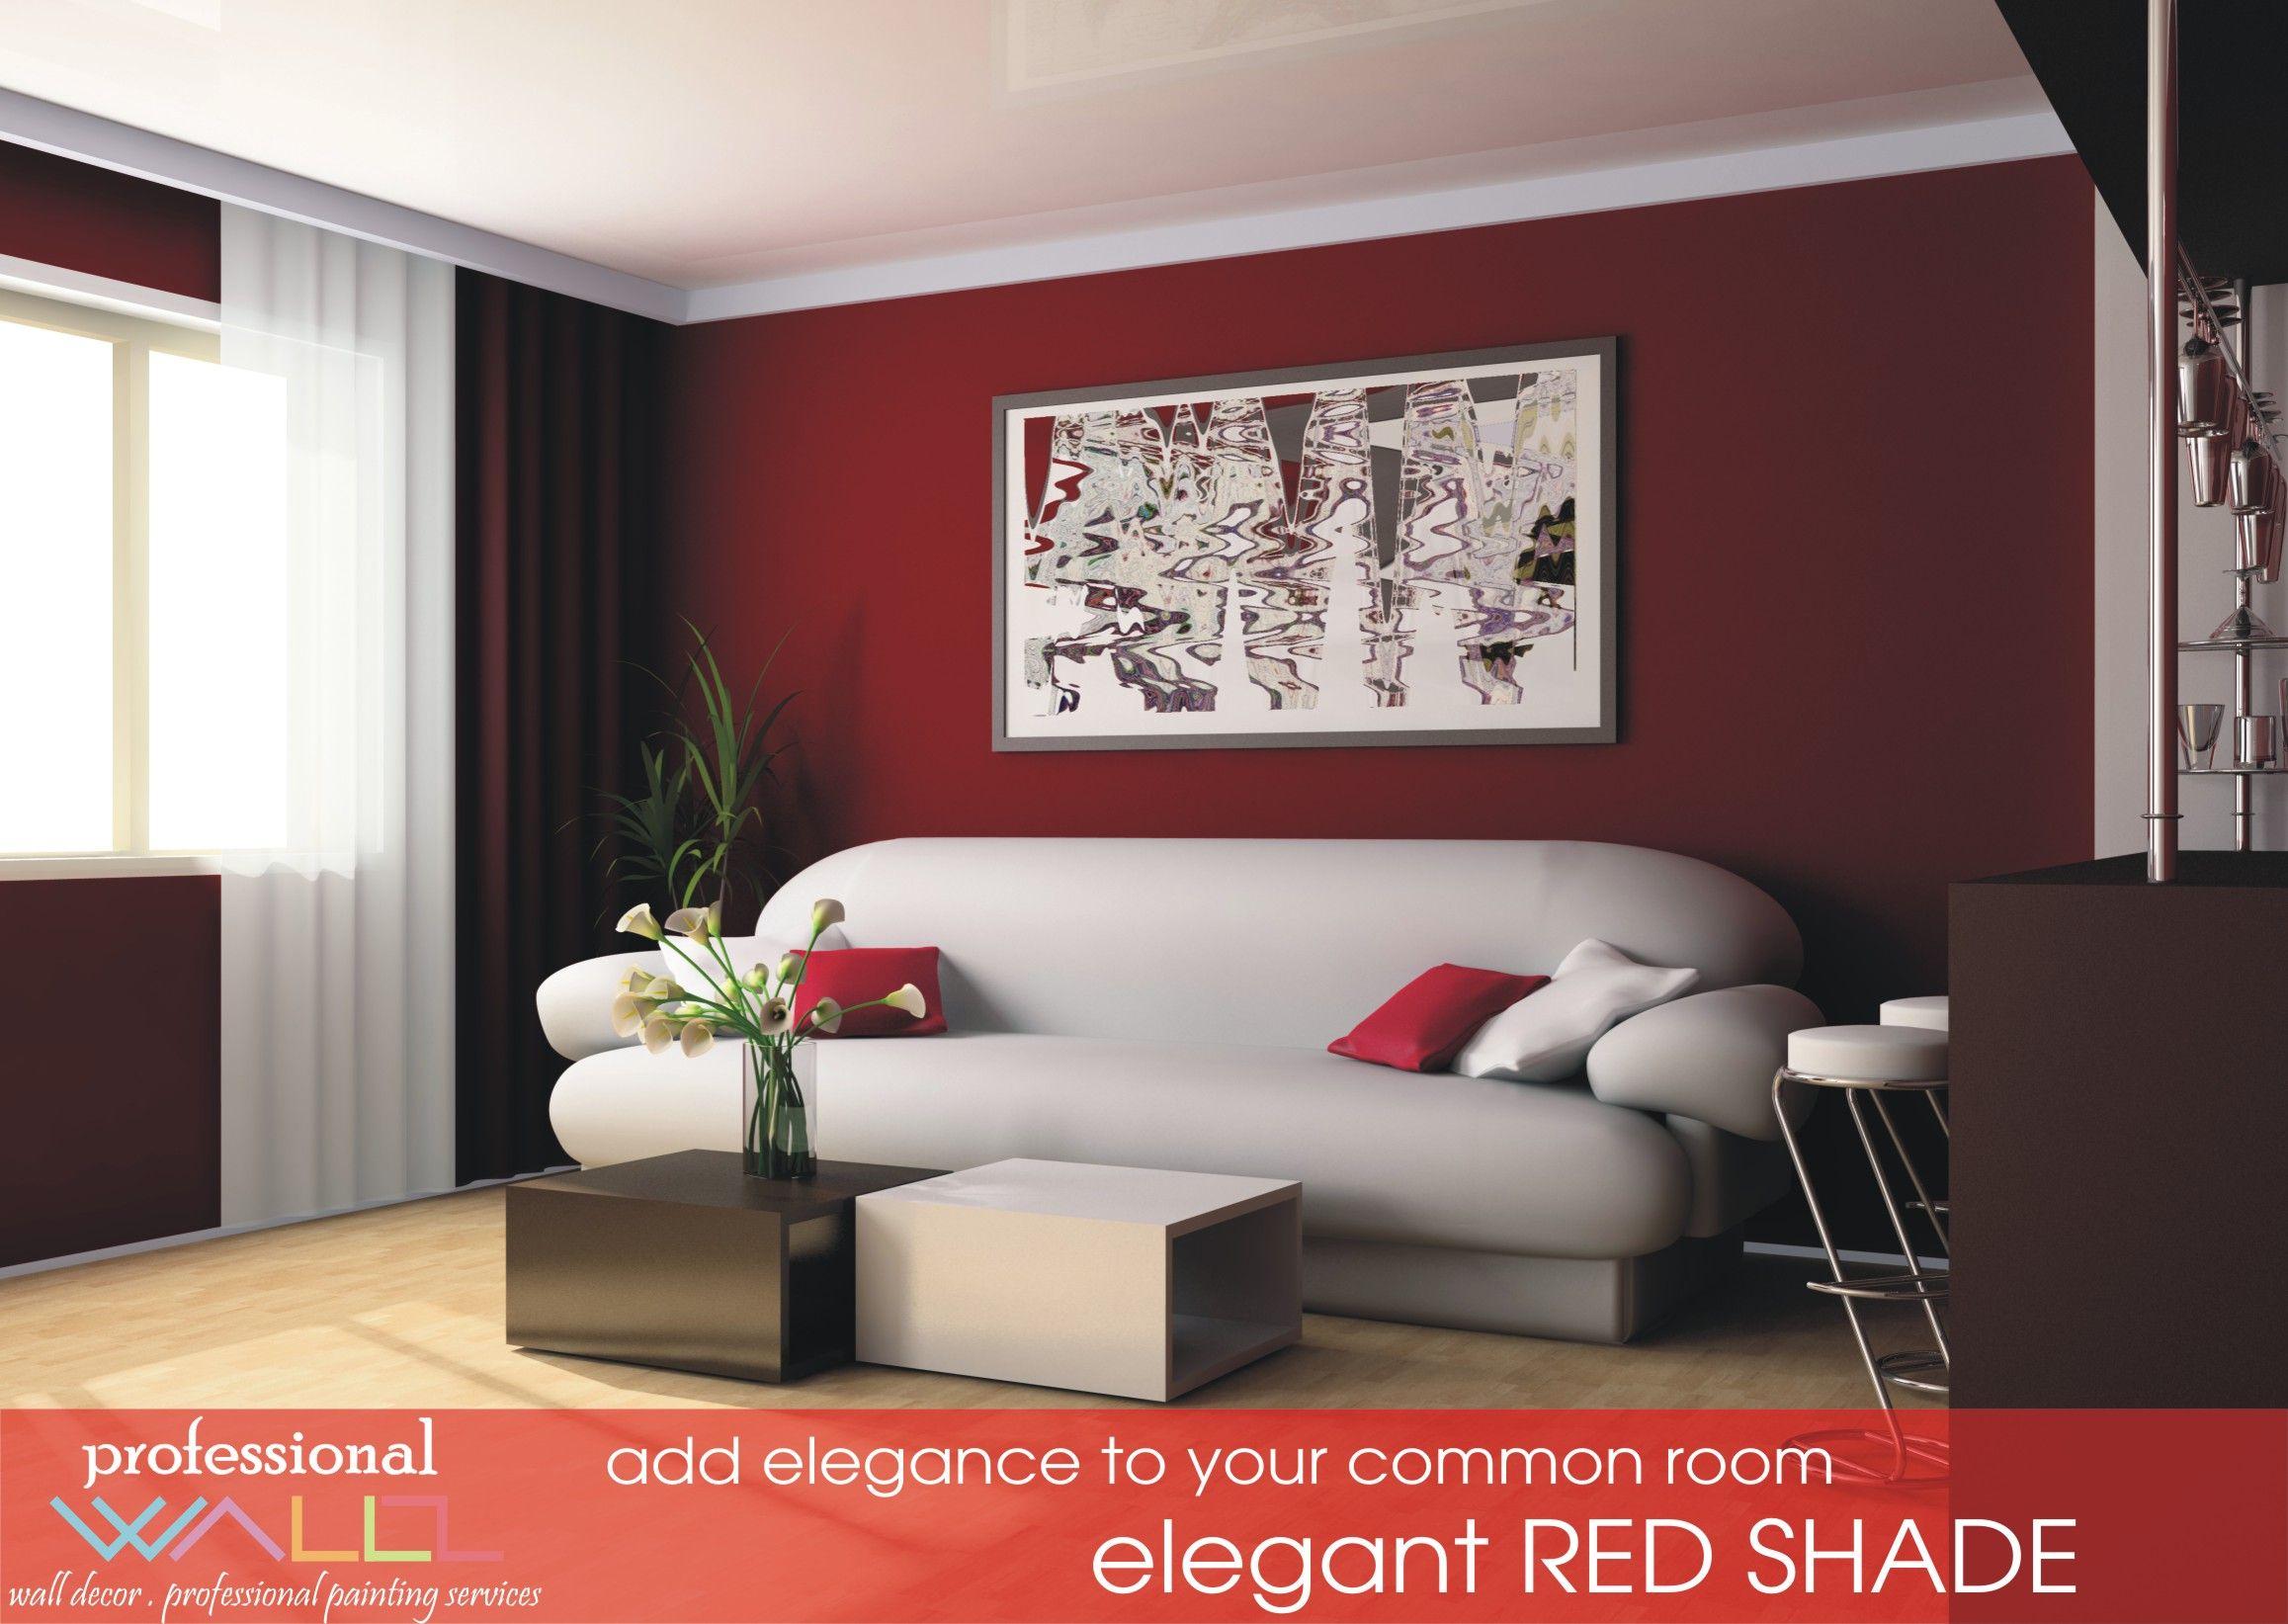 Red shade adds elegance to walls professional wallz - Pintura y decoracion de casas ...